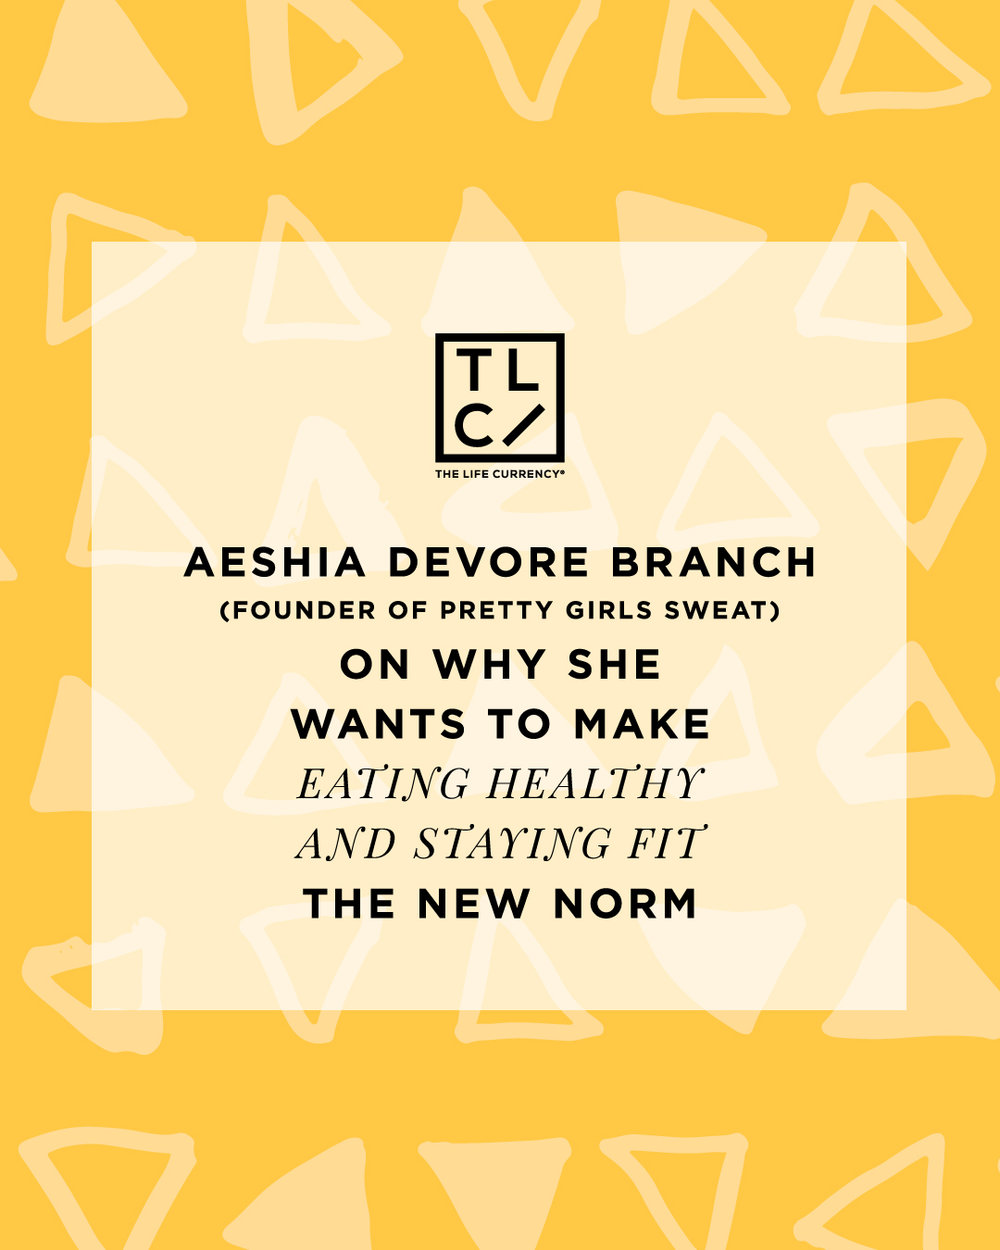 AESHIA-PIN.jpg